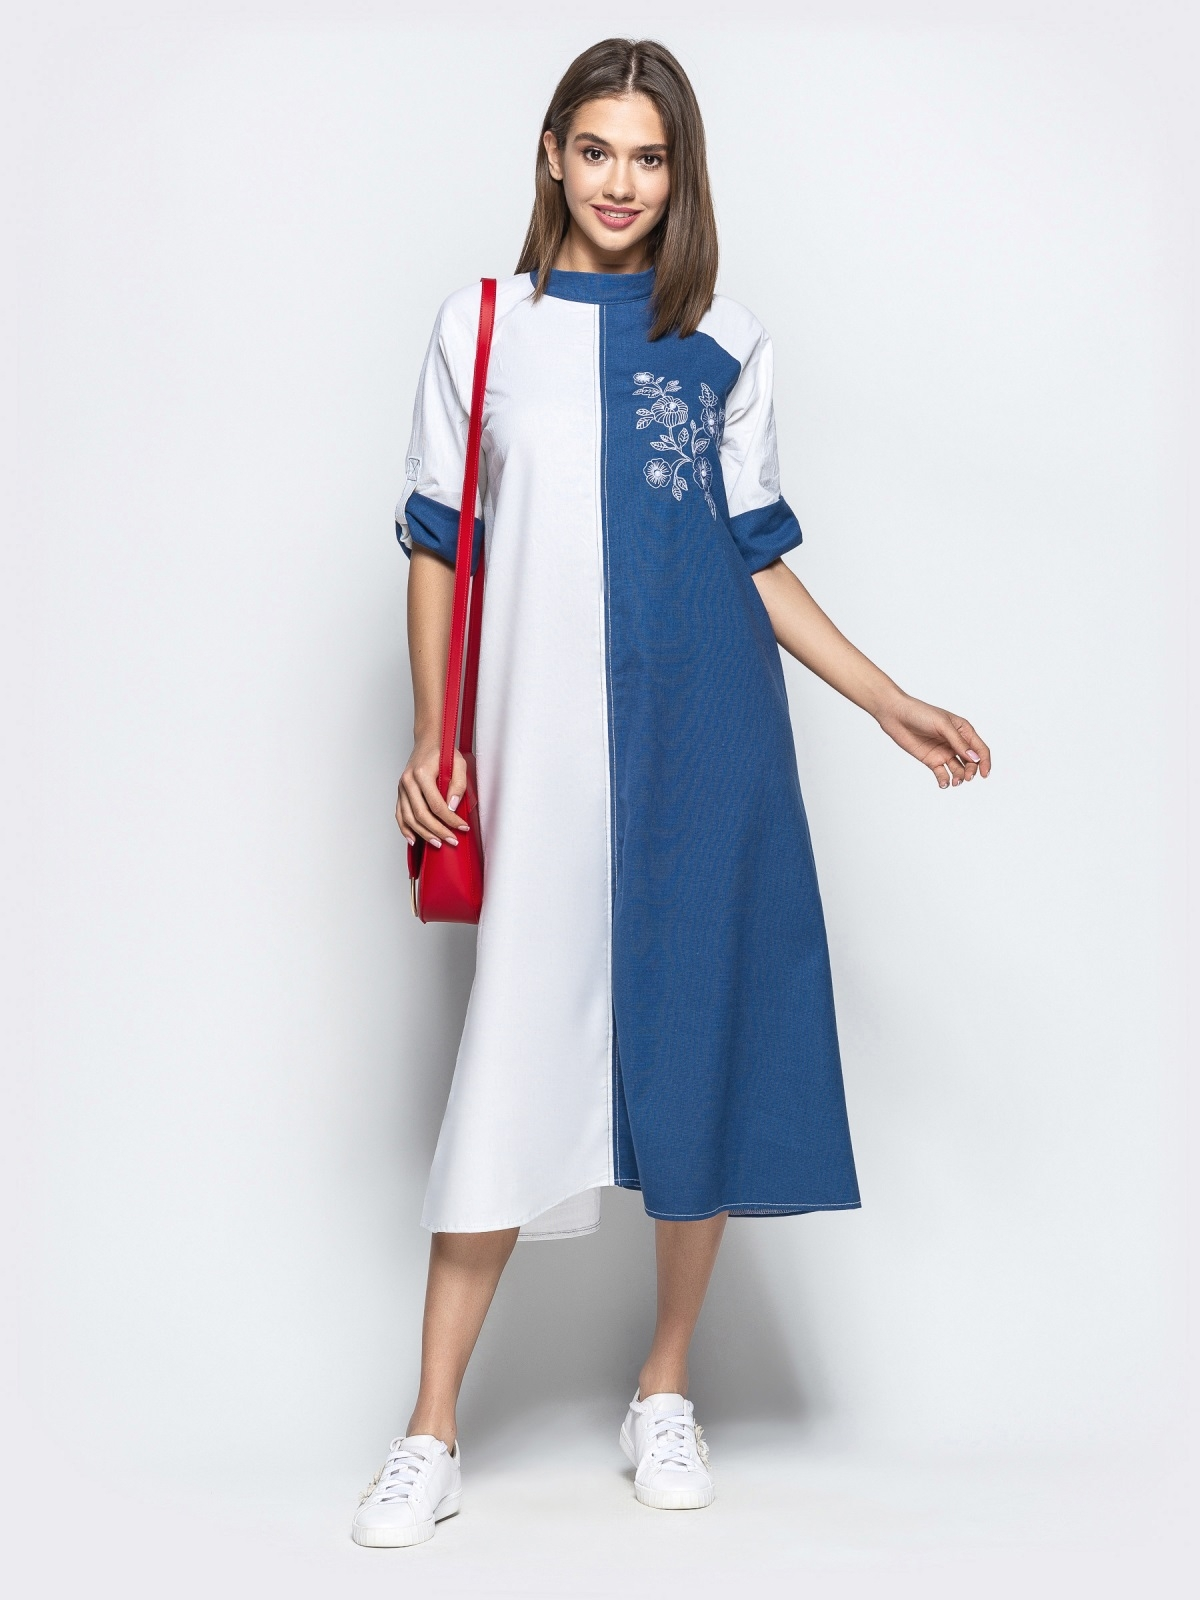 Бело-синее платье-трапеция с авторской вышивкой - 21924, фото 1 – интернет-магазин Dressa